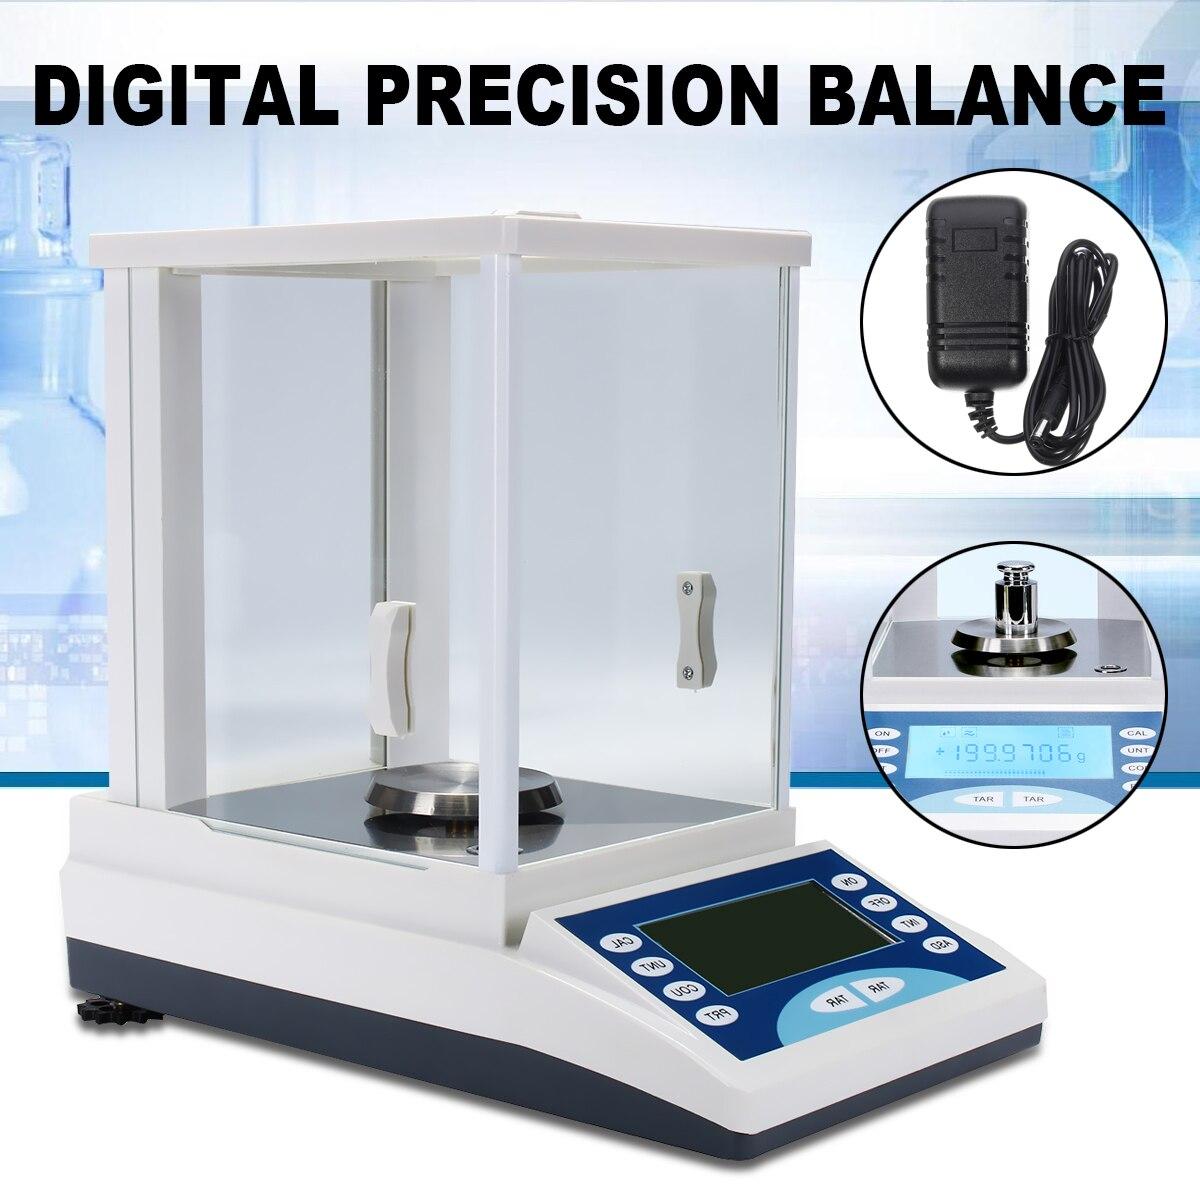 Numérique Balance De Précision Lab Balance Analytique 200/0.0001g 0.1 mg 100-240 v Top Qualité Balance Électronique base en Alliage d'aluminium